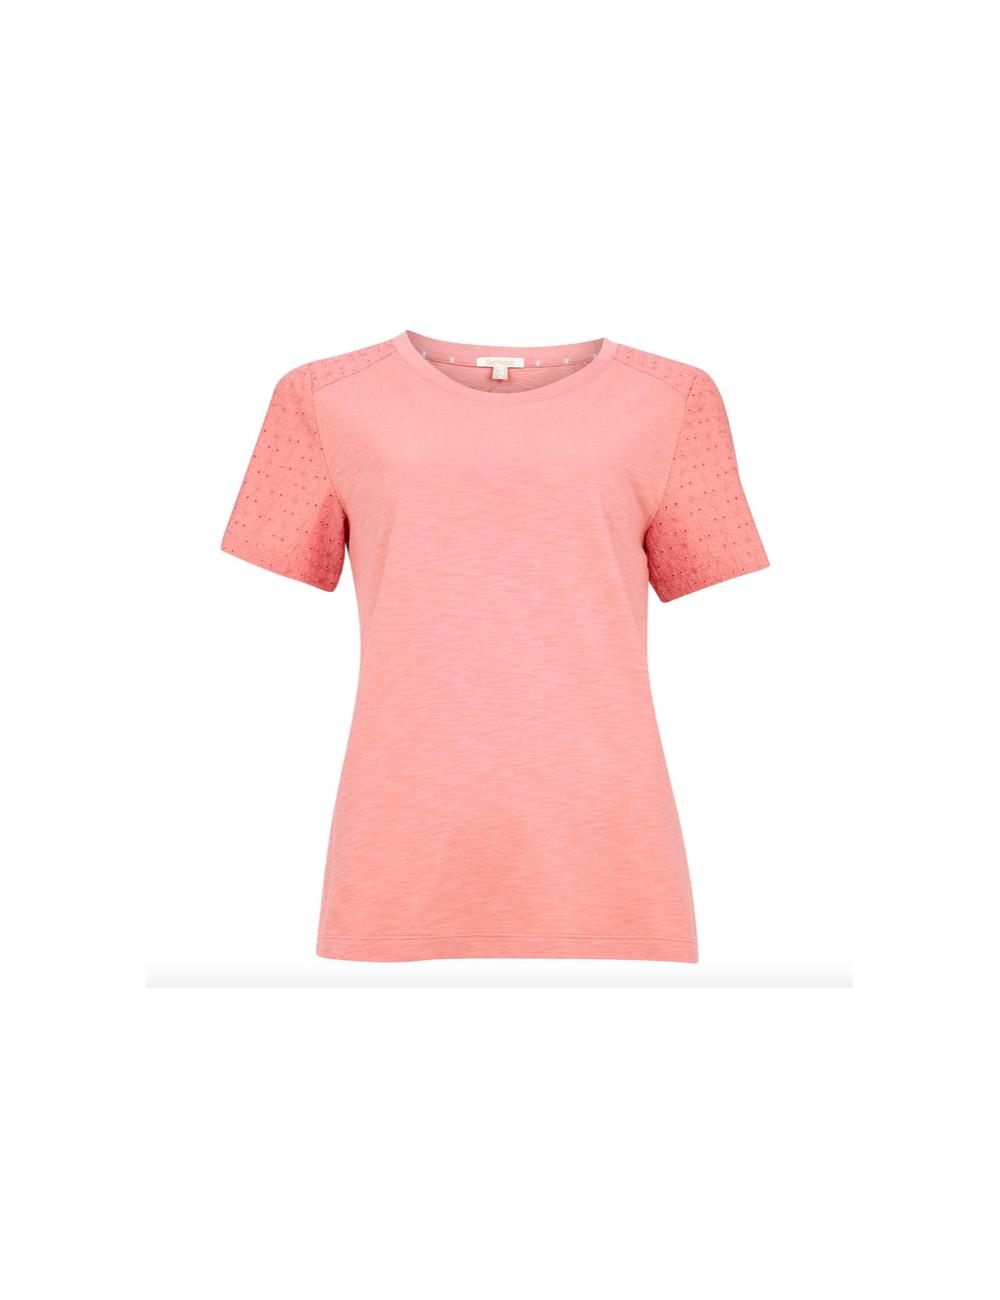 Damska bluzka - Barbour Springtide Top